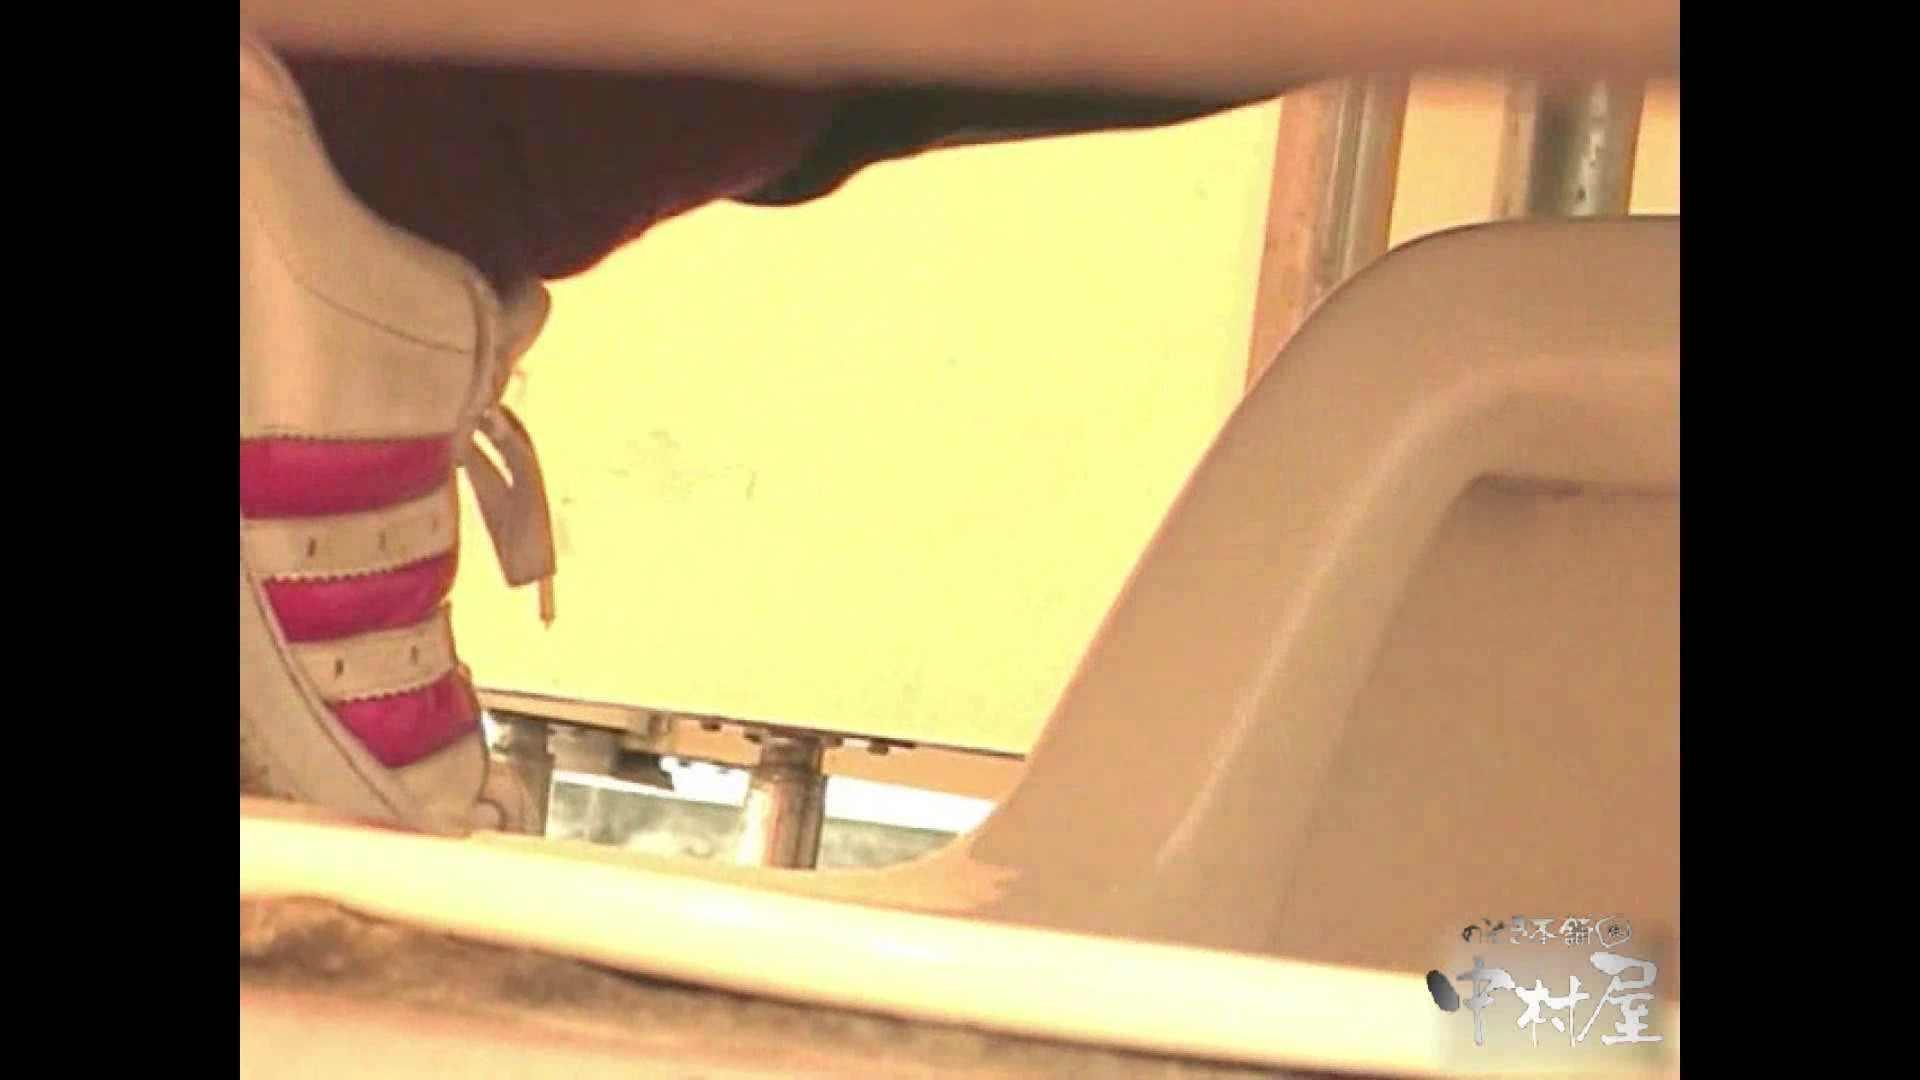 岩手県在住盗撮師盗撮記録vol.02 お姉さん達のオマンコ オマンコ無修正動画無料 53連発 5